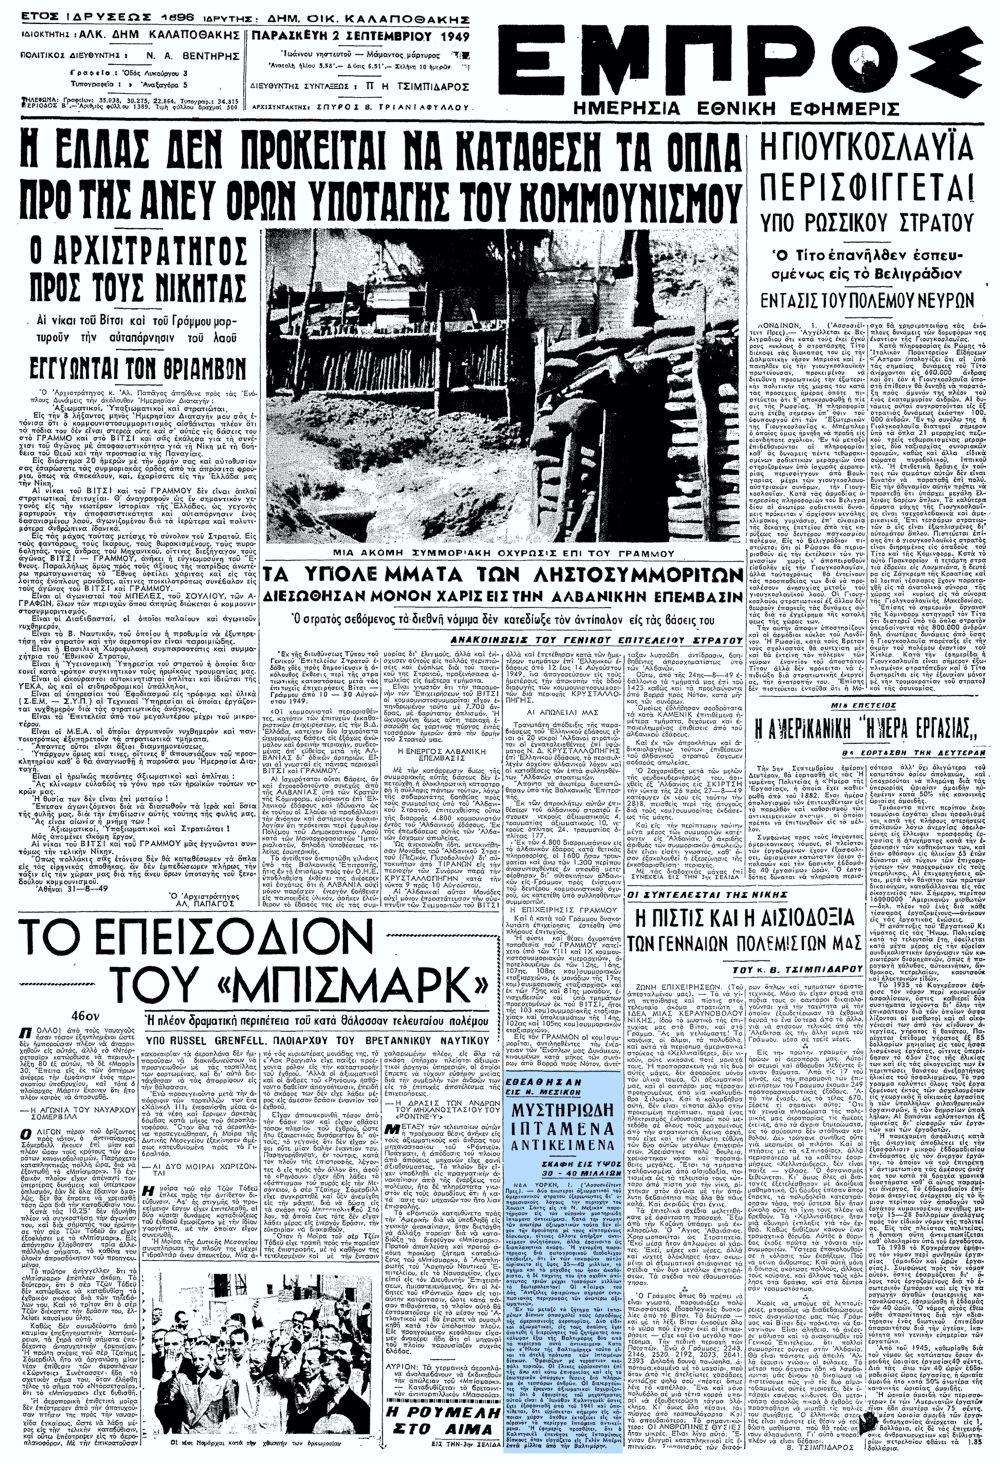 """Το άρθρο, όπως δημοσιεύθηκε στην εφημερίδα """"ΕΜΠΡΟΣ"""", στις 02/09/1949"""